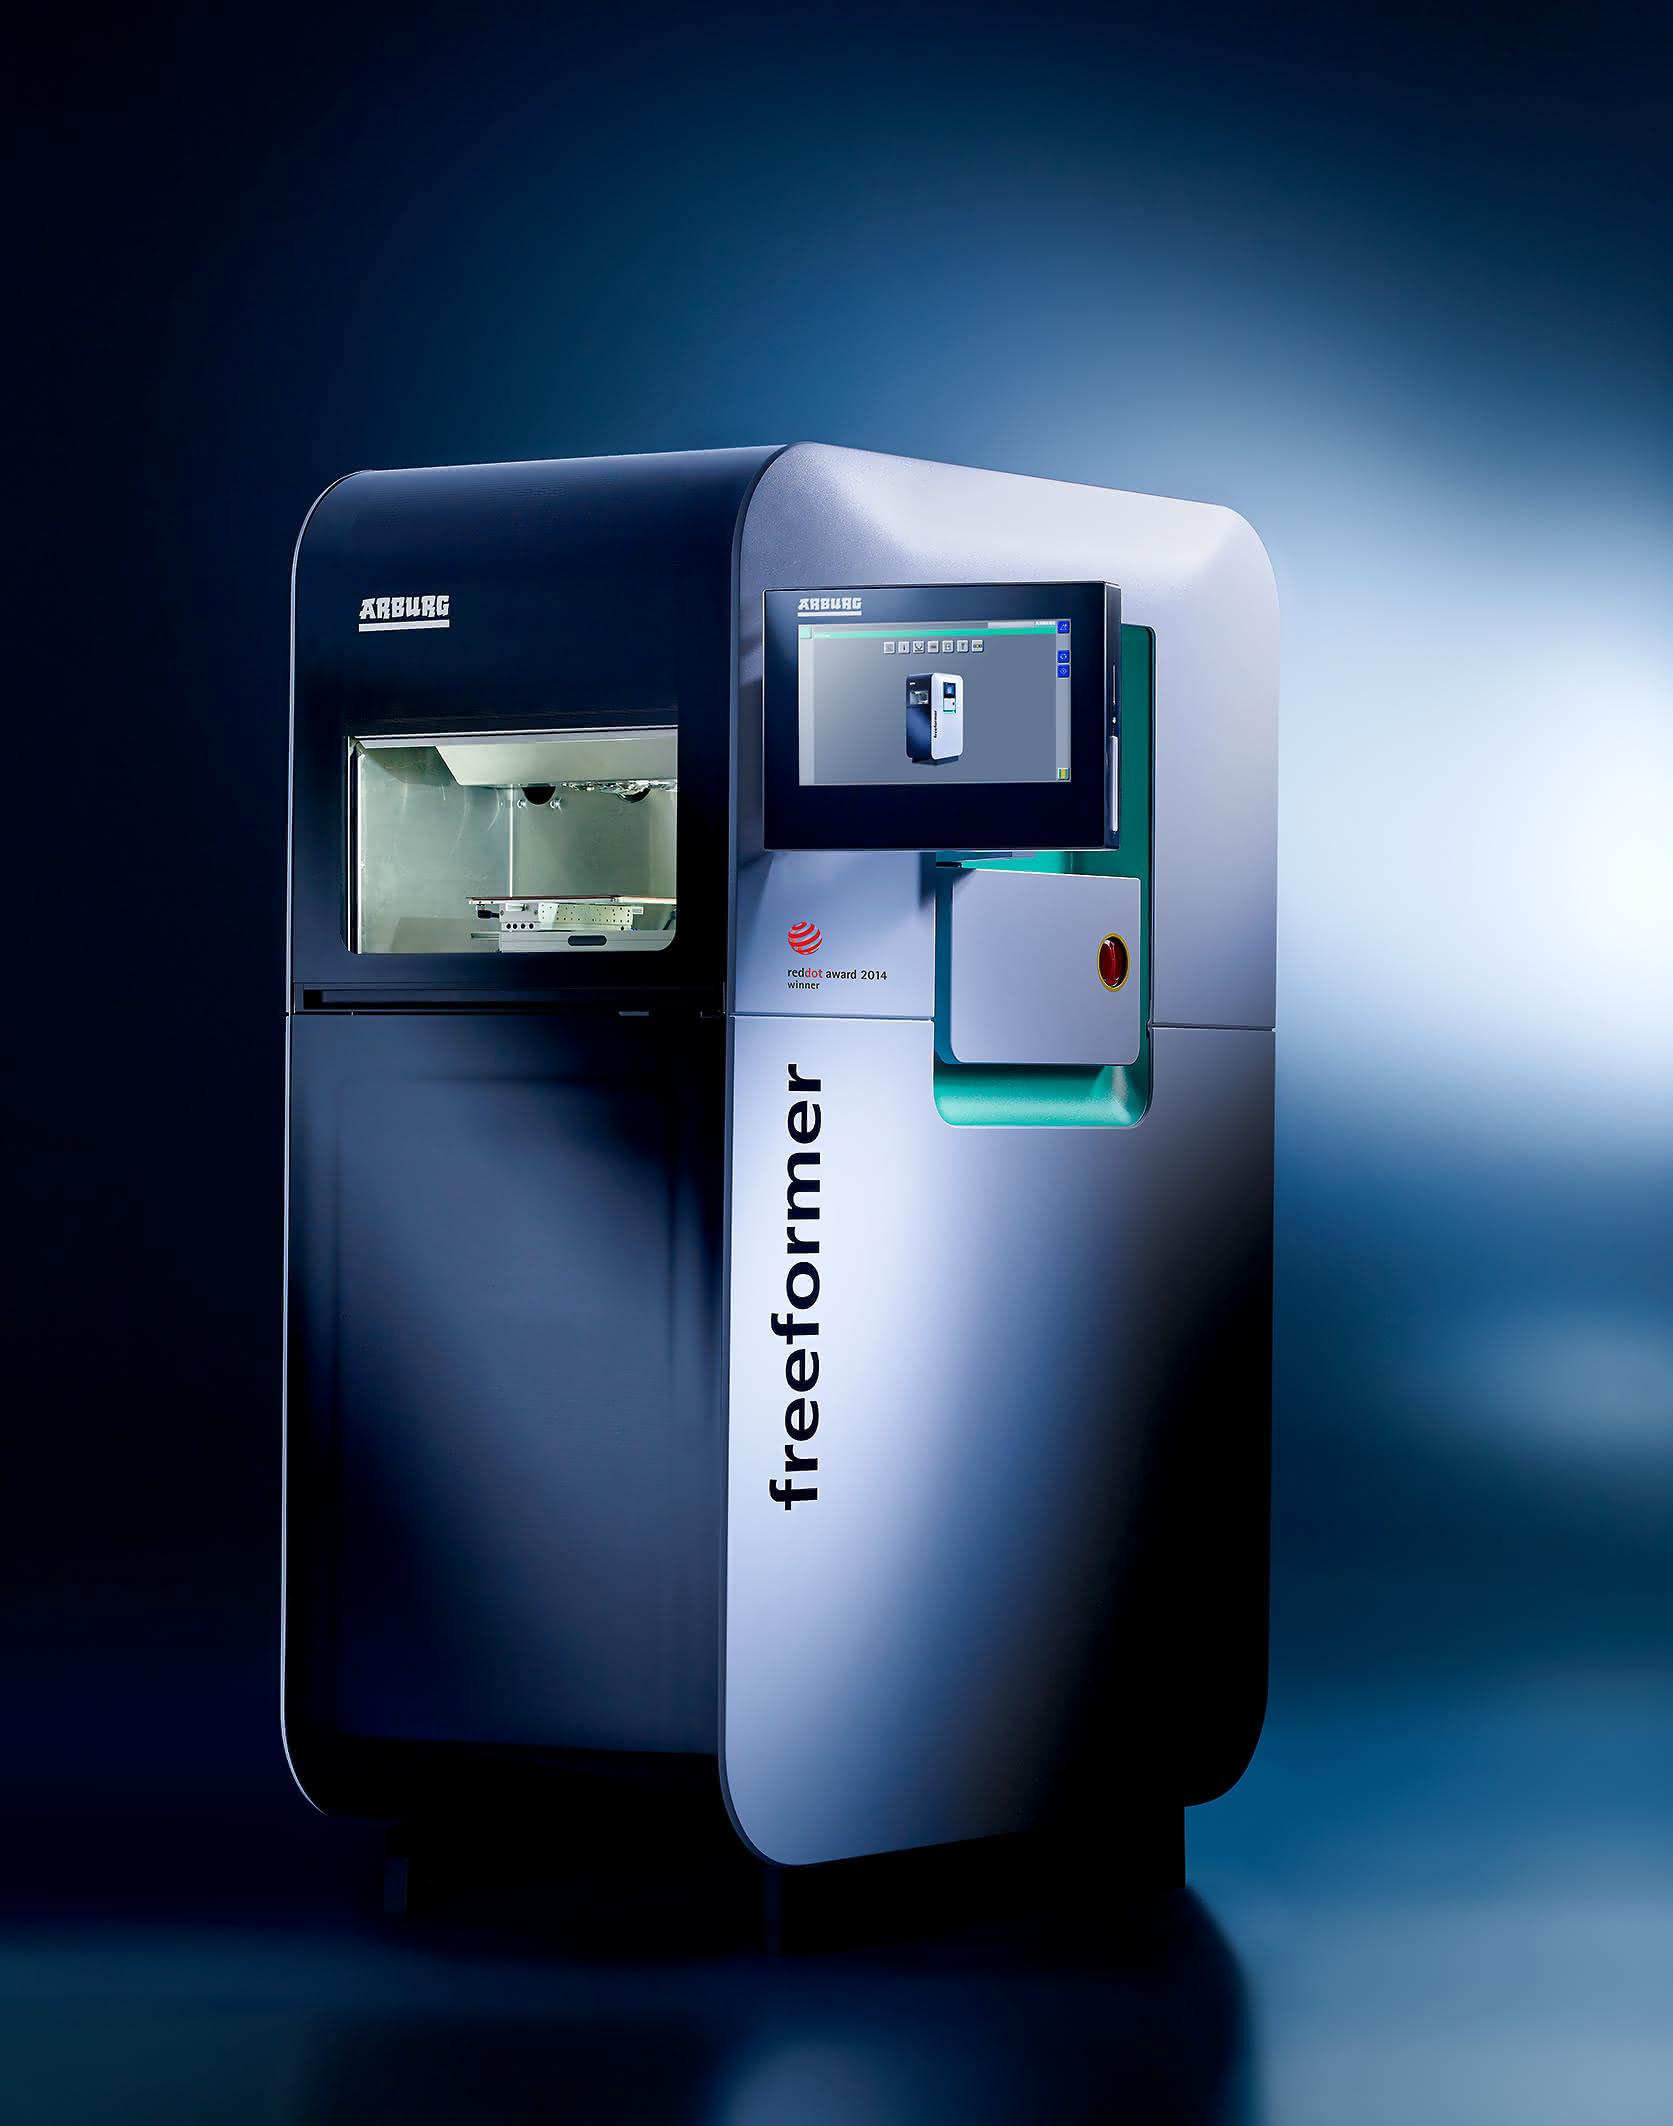 Arburg mit Messe-Partnerschaft: 3D-Druck als Thema der HMI